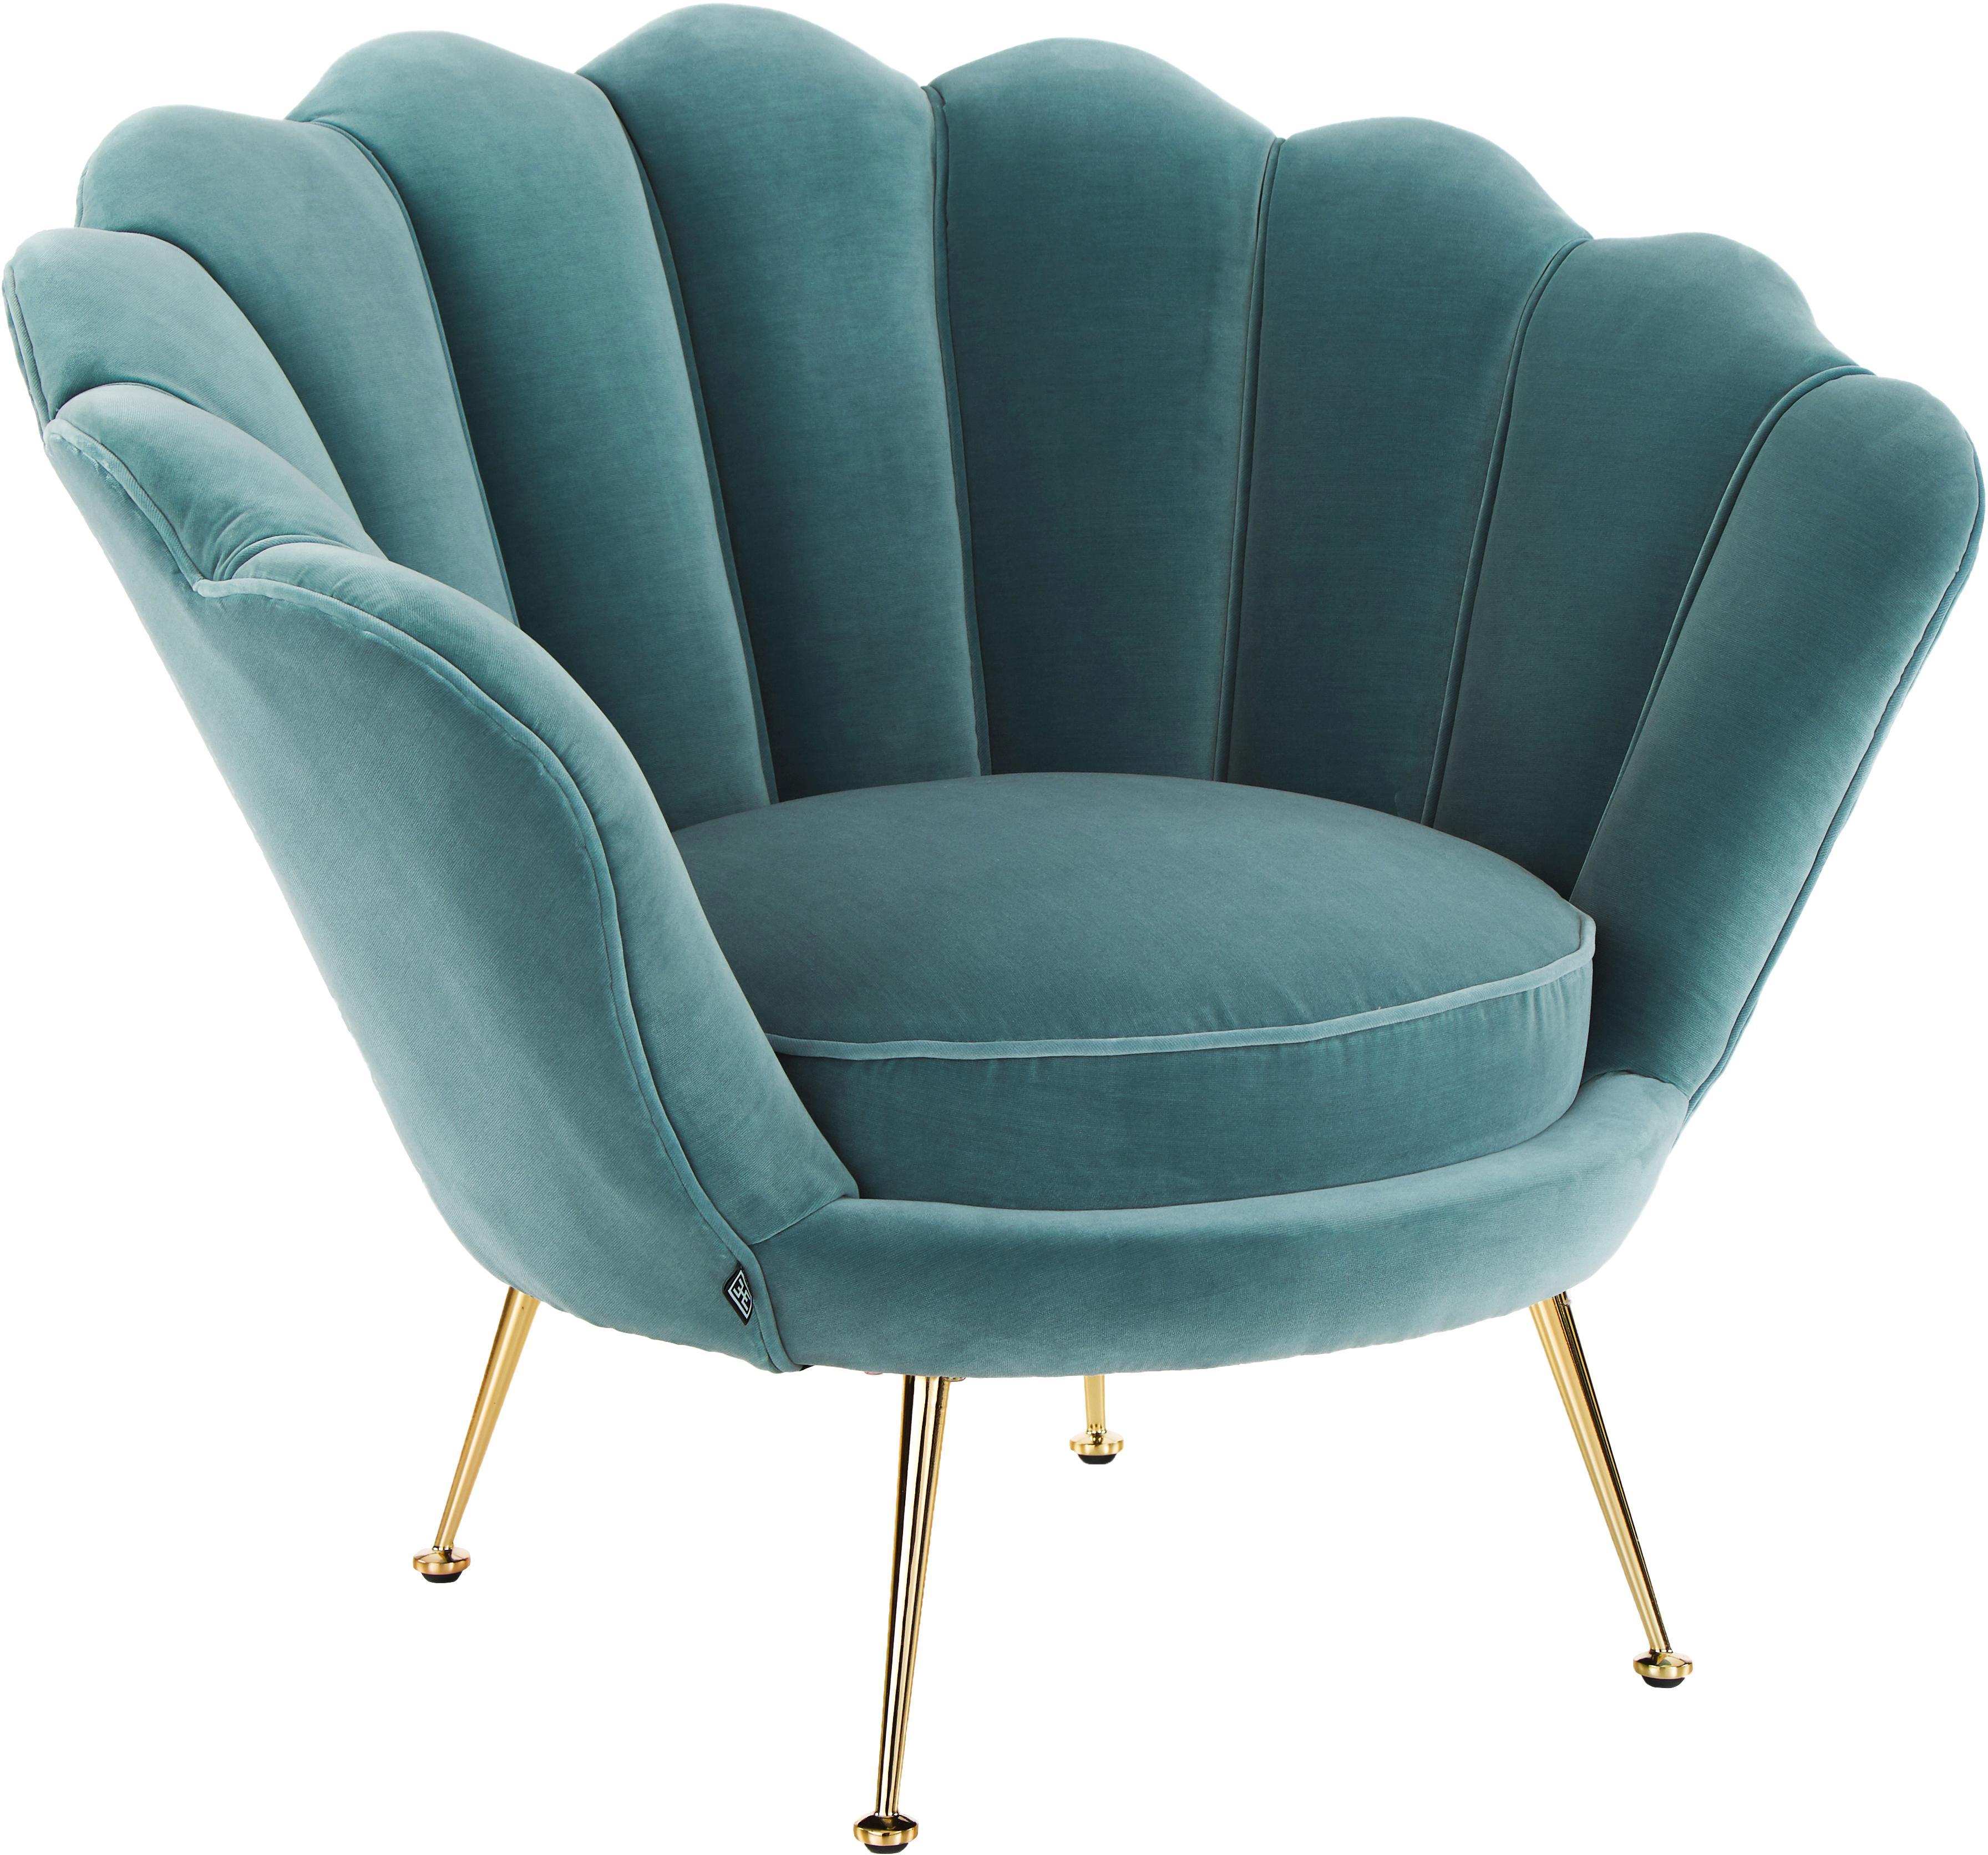 Samt-Sessel Trapezium in Türkis, Bezug: 95% Polyester, 5% Baumwol, Füße: Metall, beschichtet, Samt Türkis, B 97 x T 79 cm